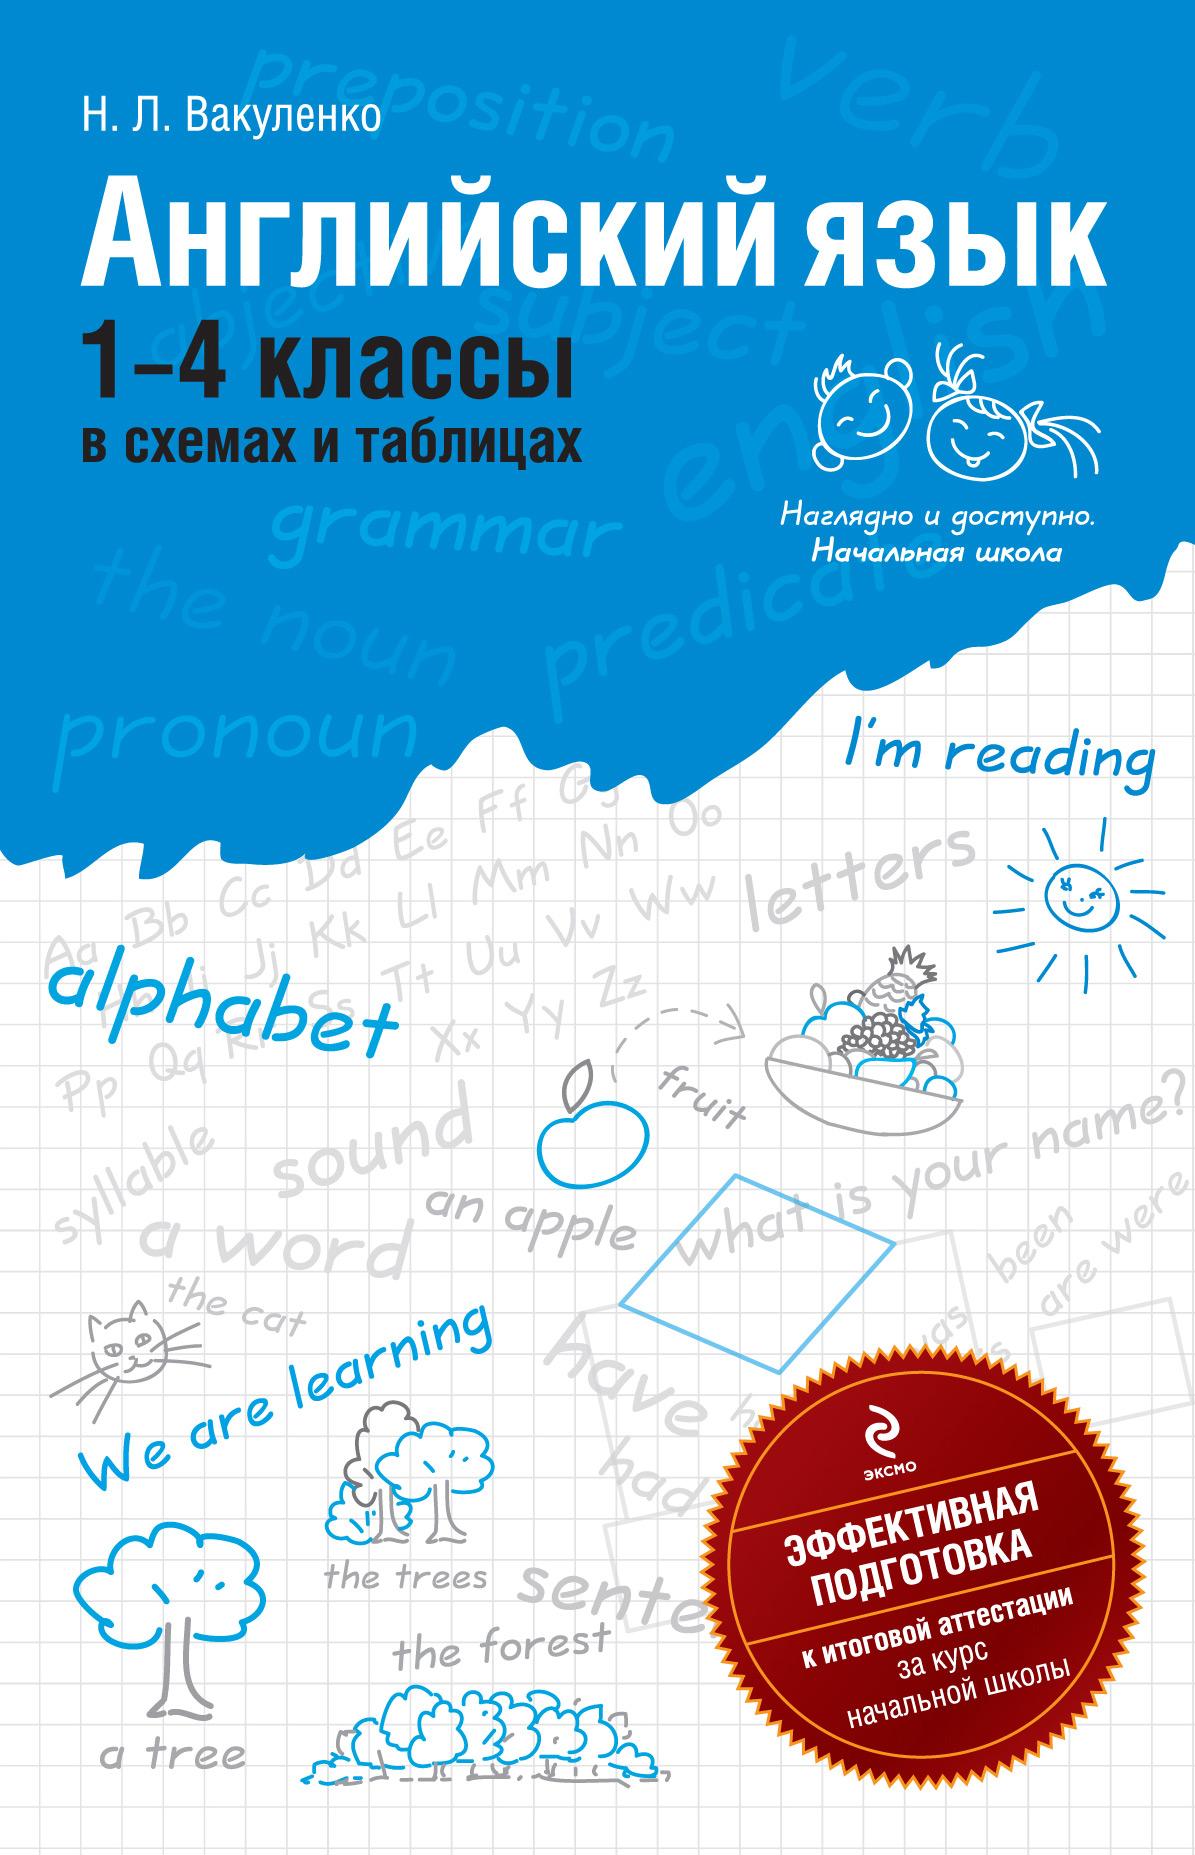 Н. Л. Вакуленко Английский язык: 1-4 классы в схемах и таблицах узорова о в английский язык весь курс начальной школы в схемах и таблицах 2 4 классы